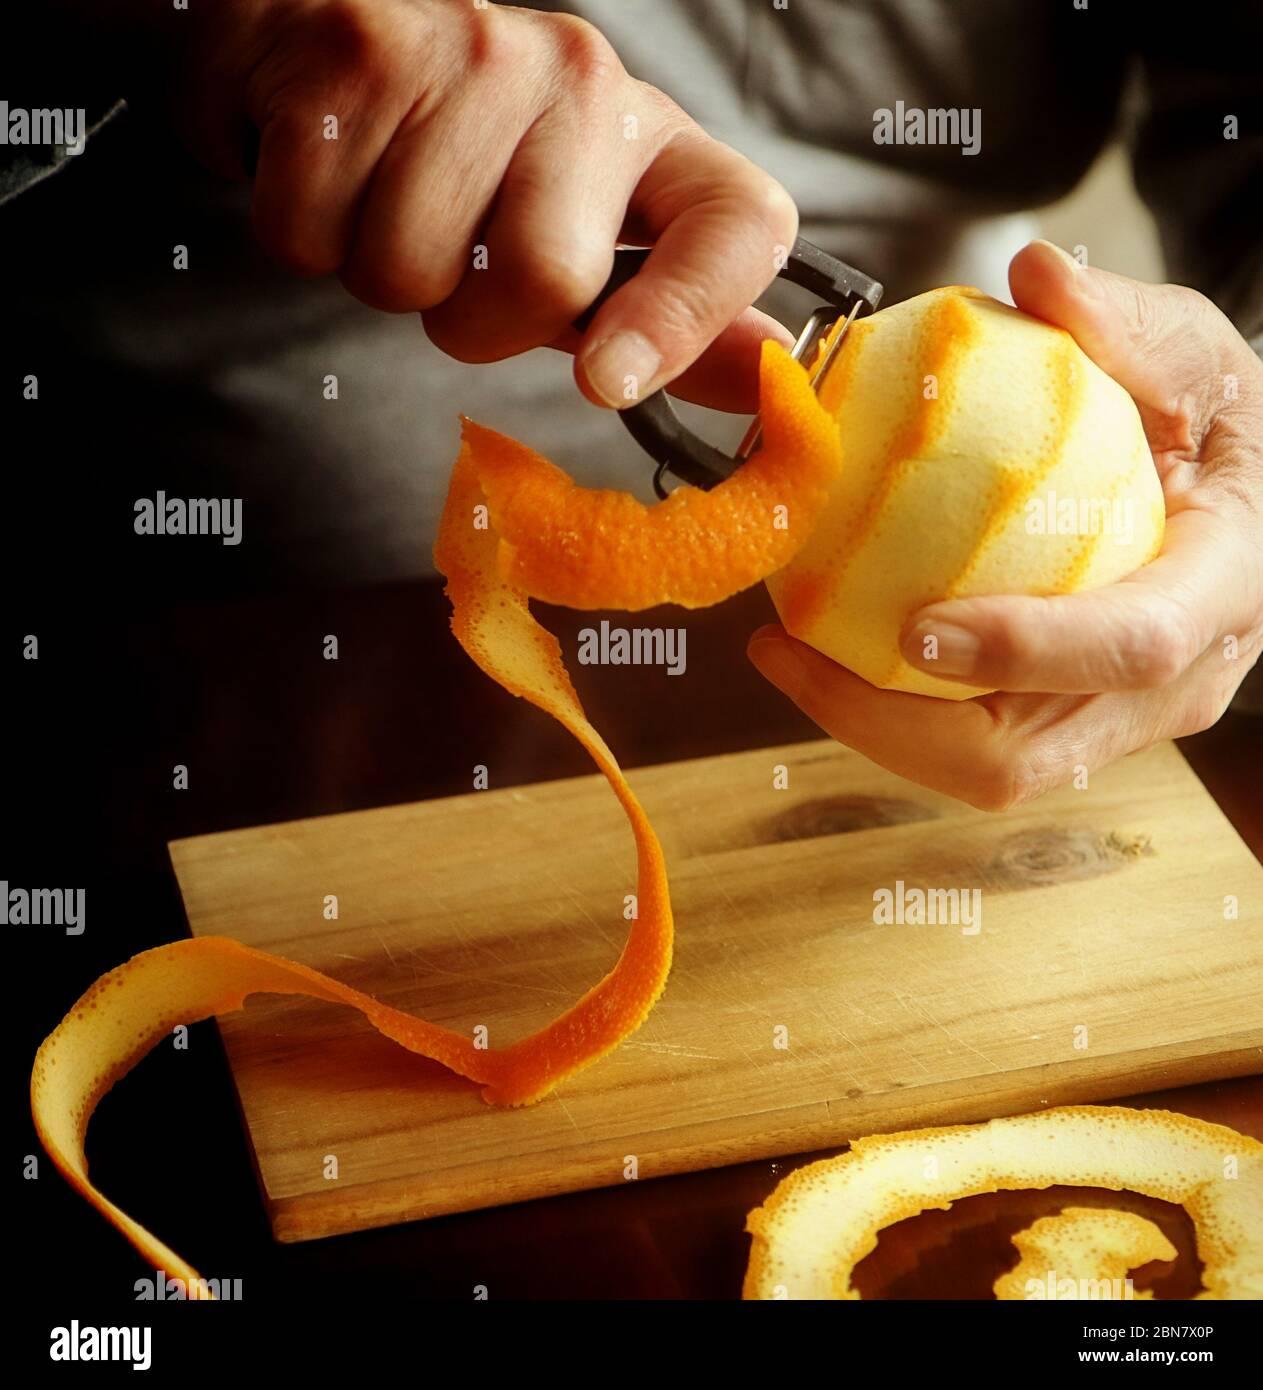 Préparation de la marmelade d'orange : retirer le zeste d'orange avec un éplucheur de légumes pointu, à ajouter ensuite à la marmelade Banque D'Images